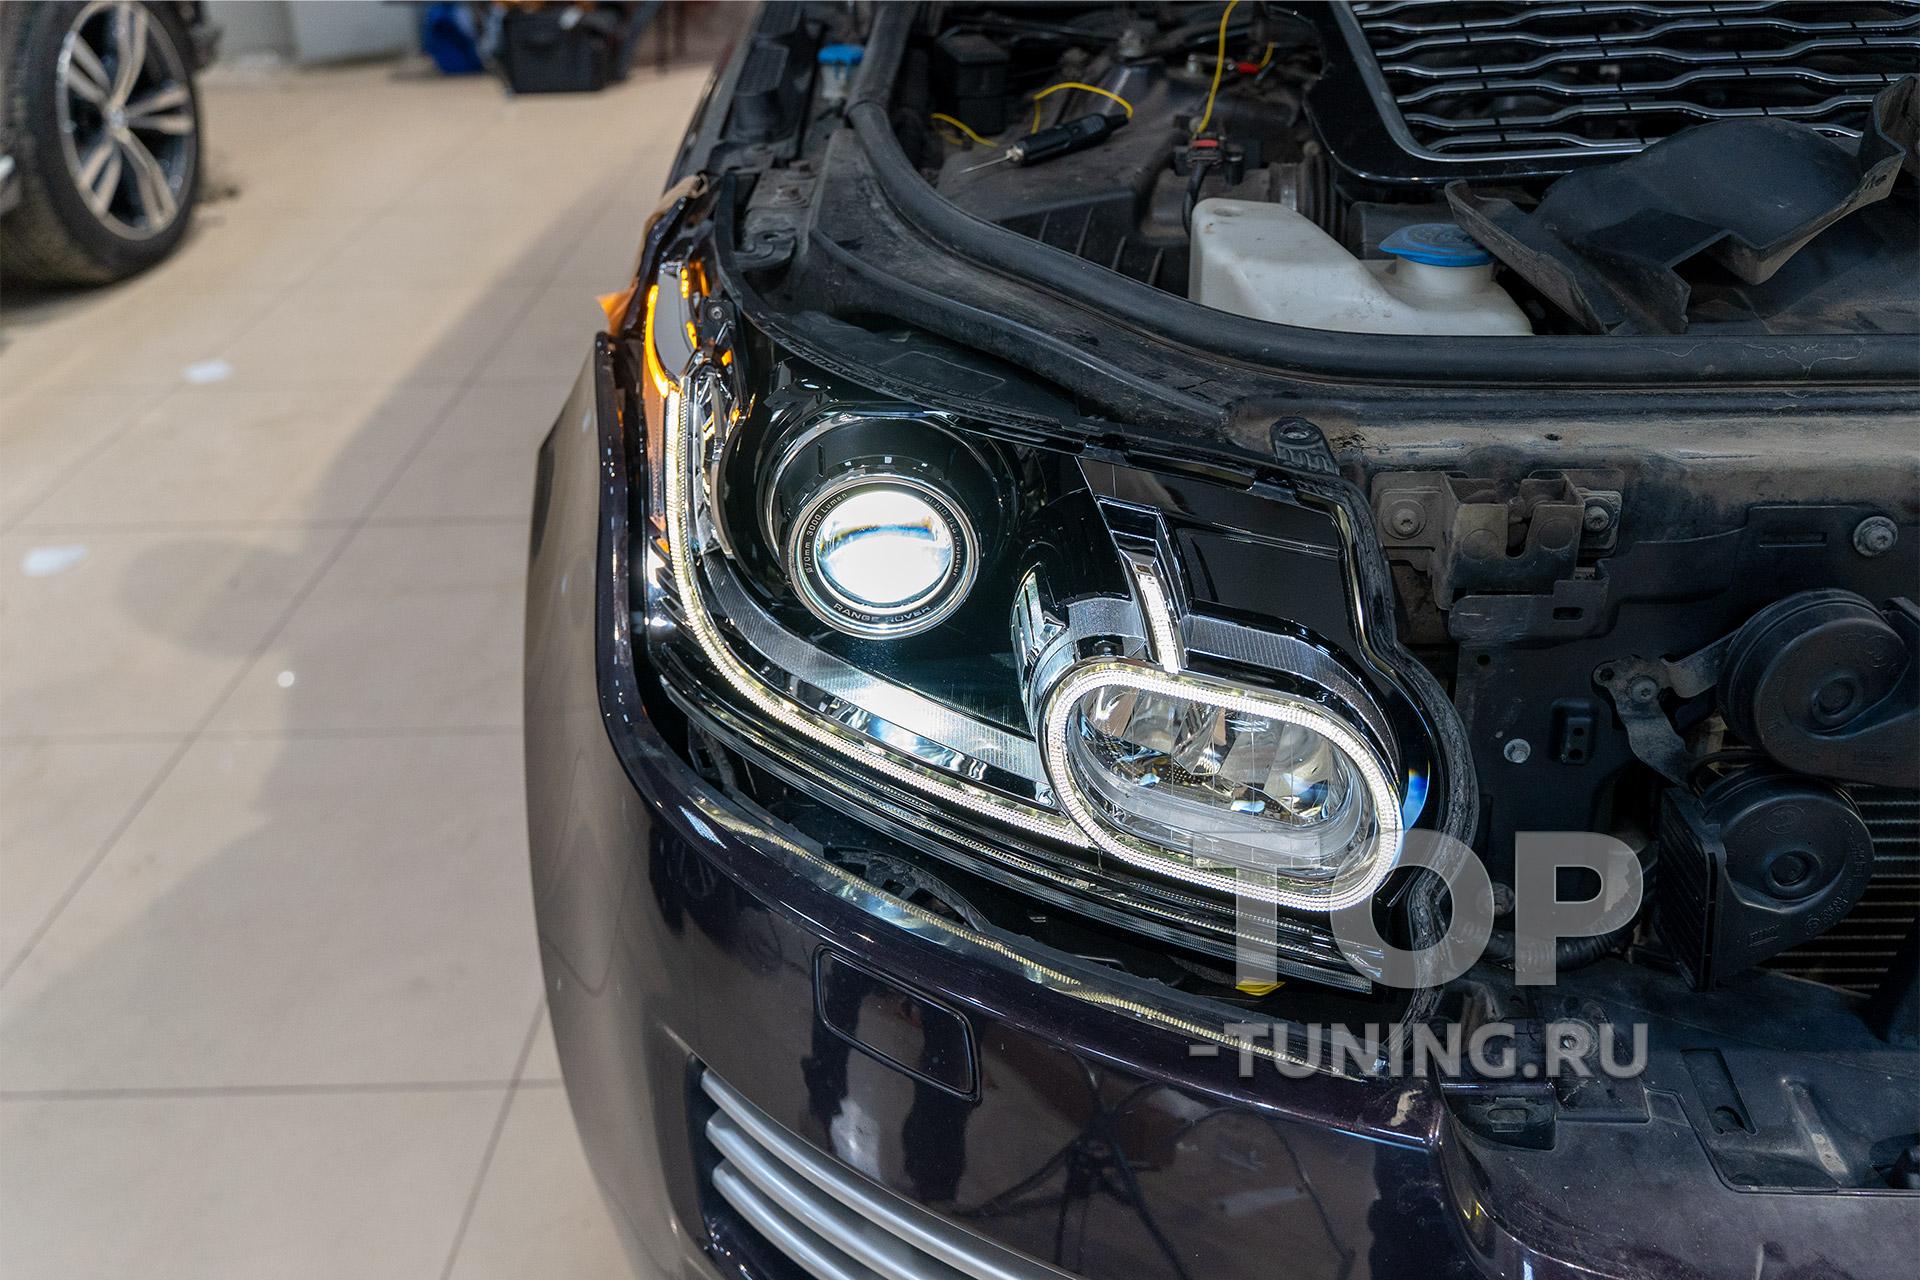 Регулировка фар после замены линз в Range Rover Vogue SE 4